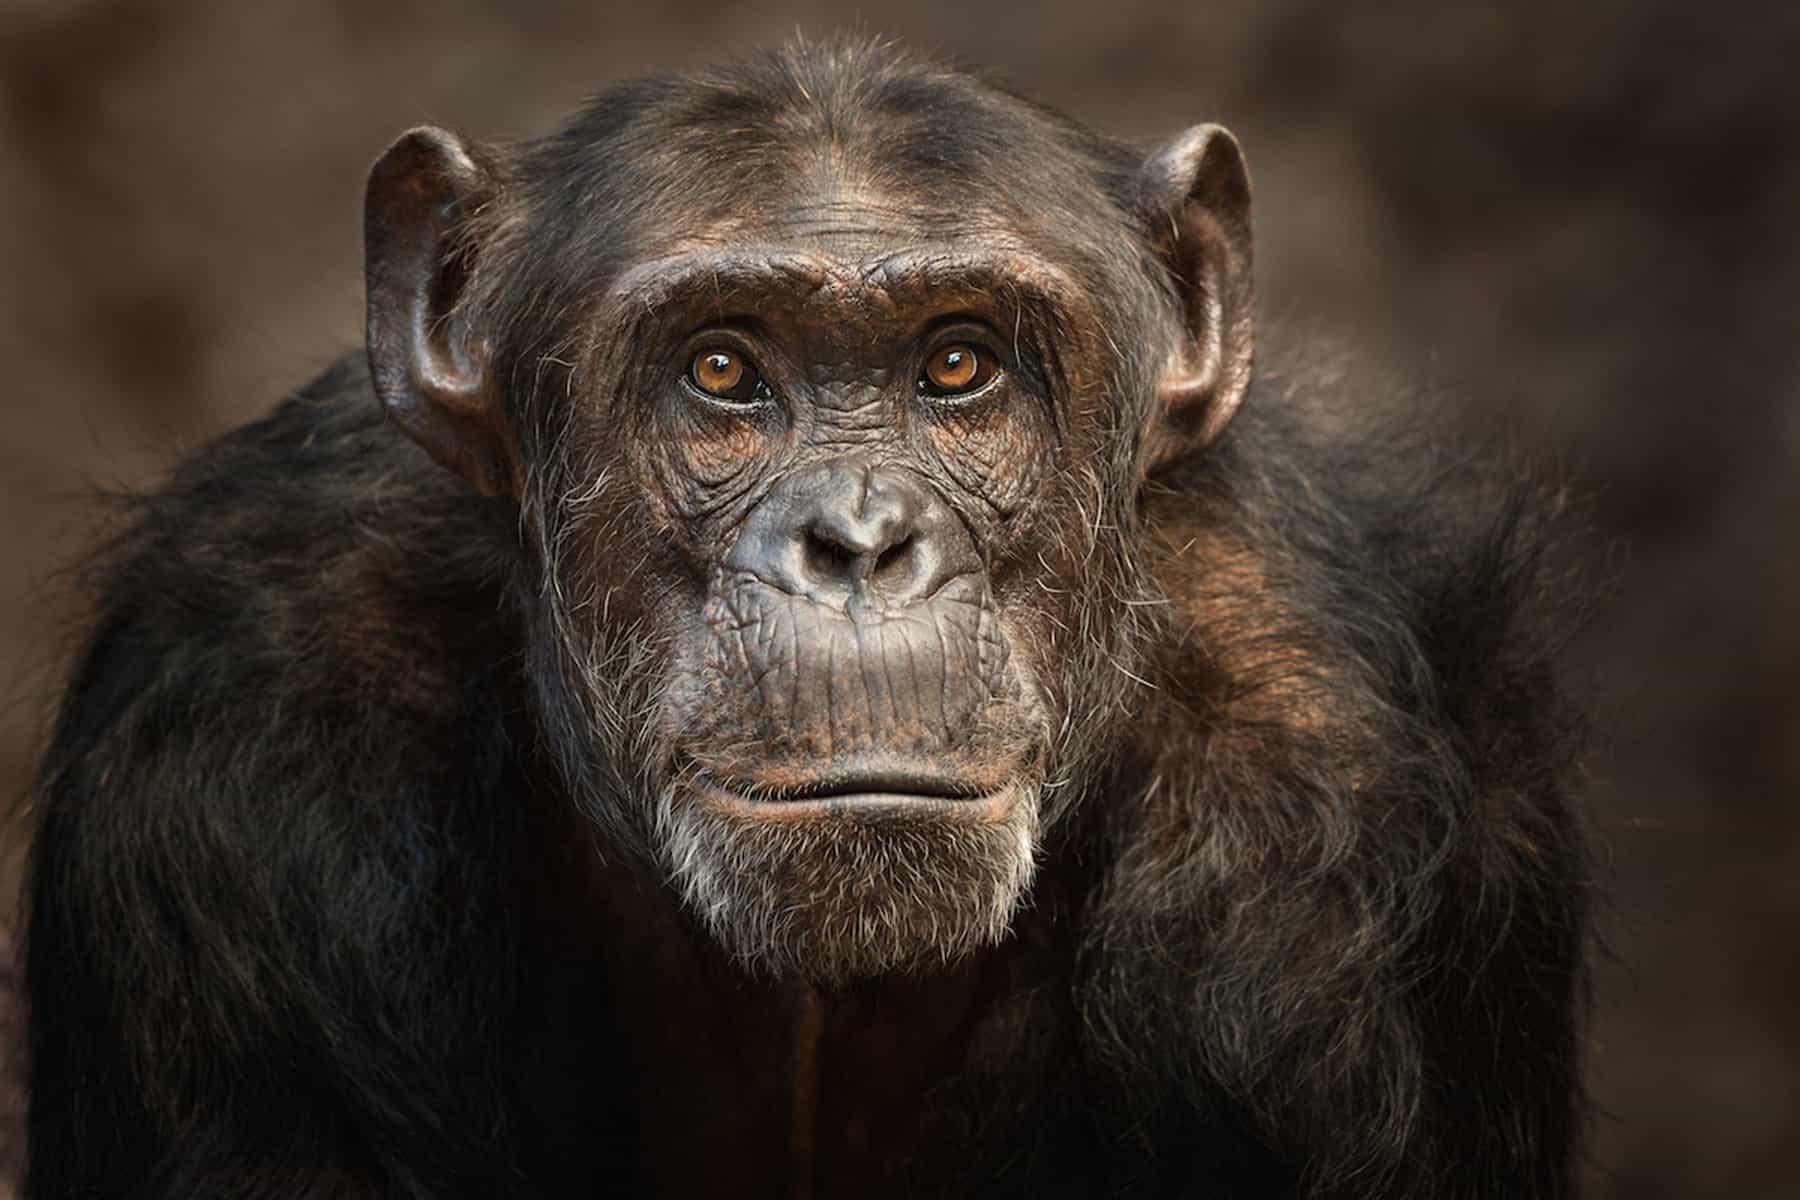 chimpanzee photography